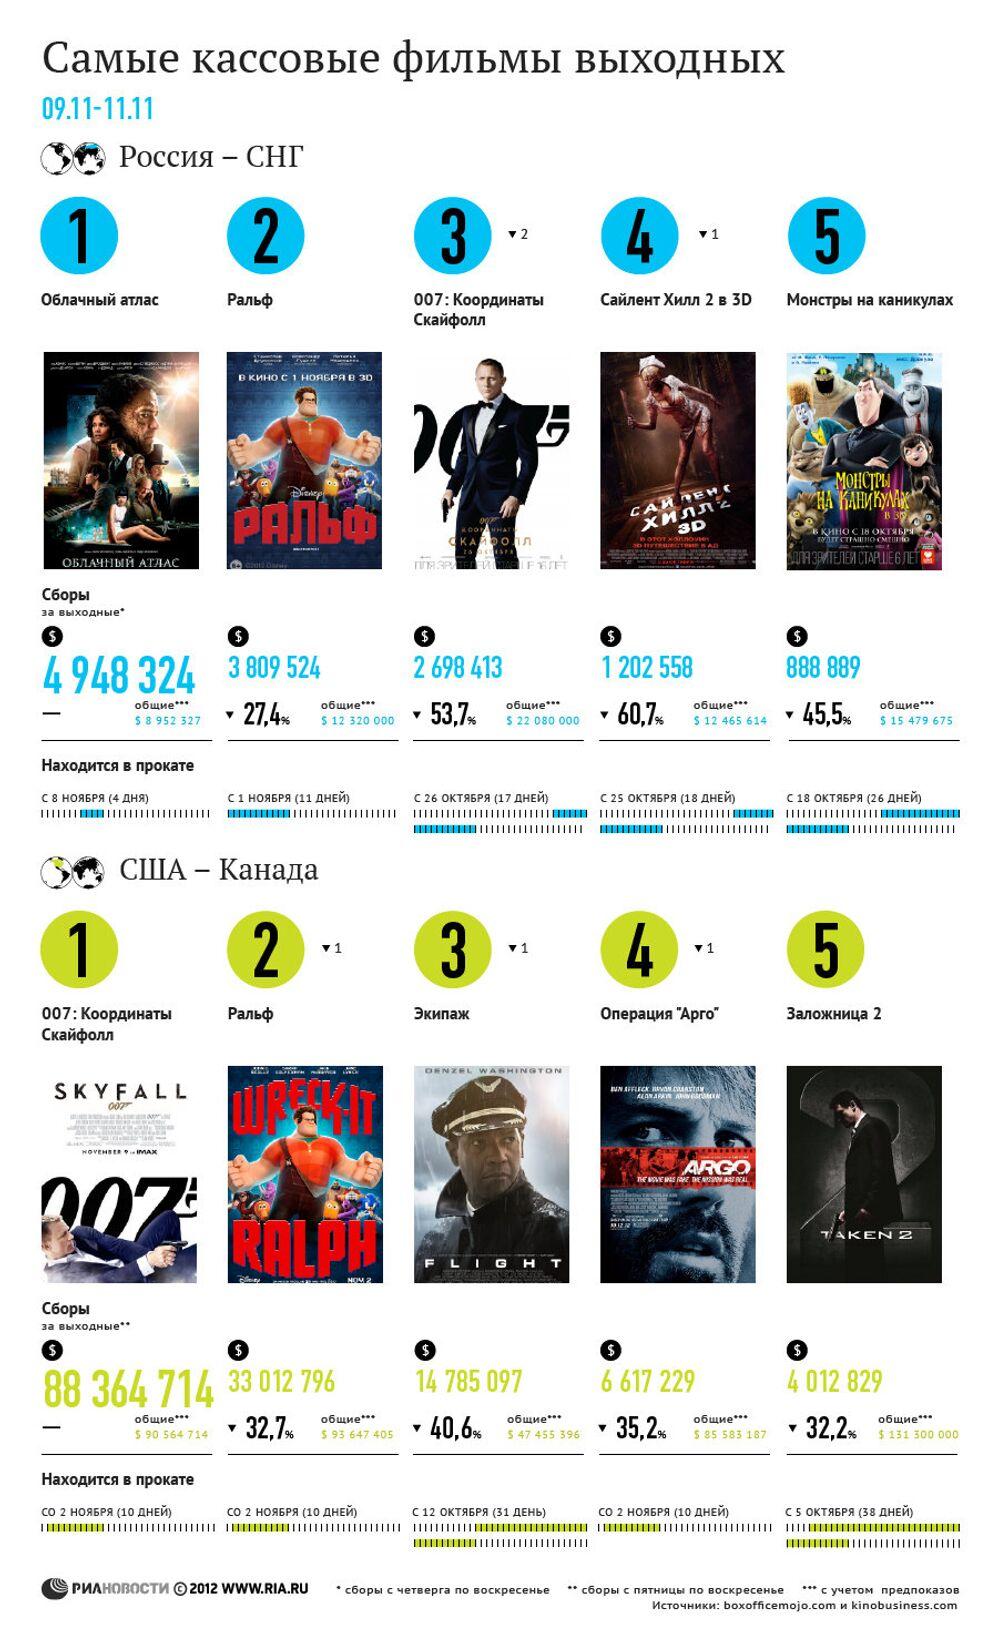 самые кассовые фильмы выходных 09 11 ноября риа новости